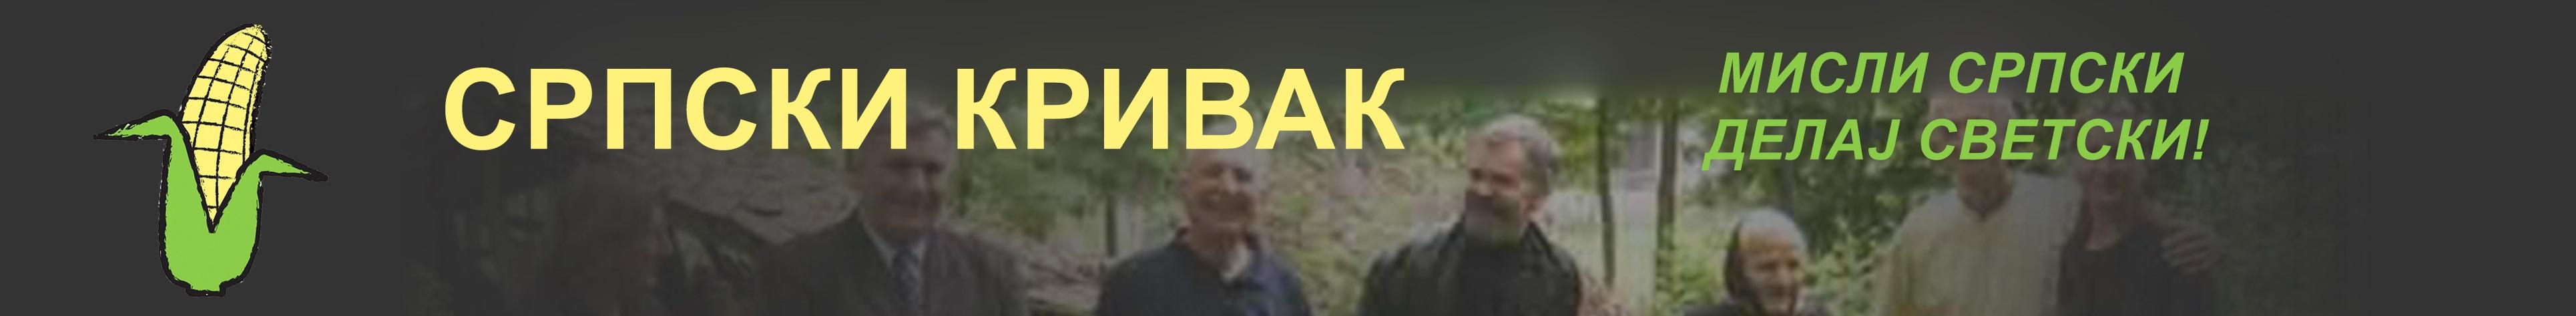 Српски кривак